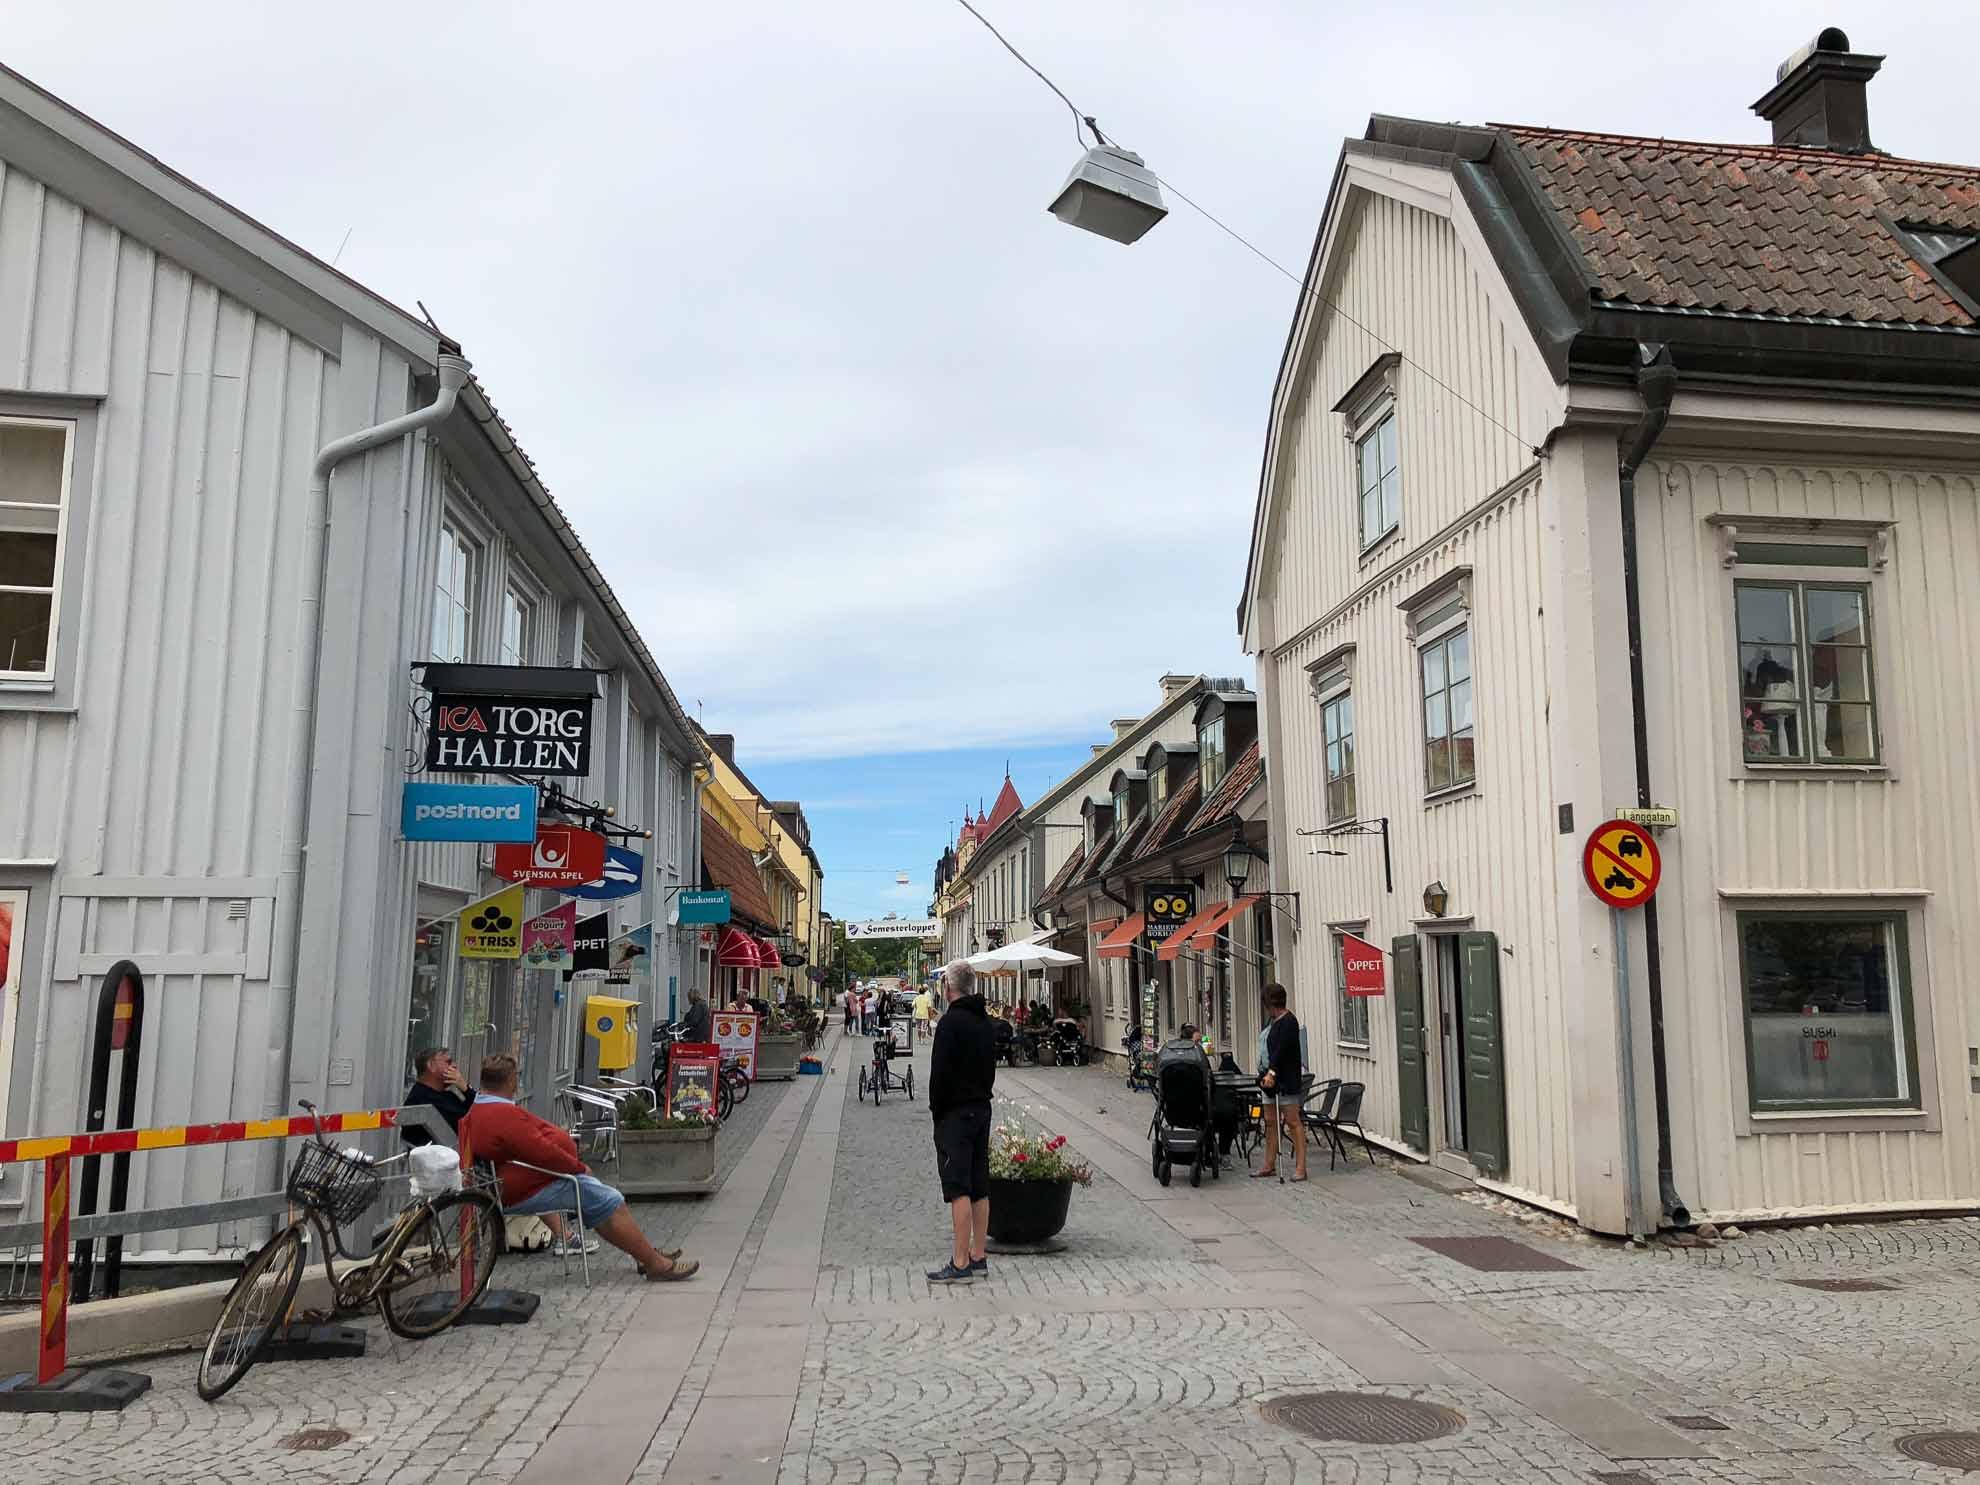 Kurz vor Stockholm – der Ort Marienfred.